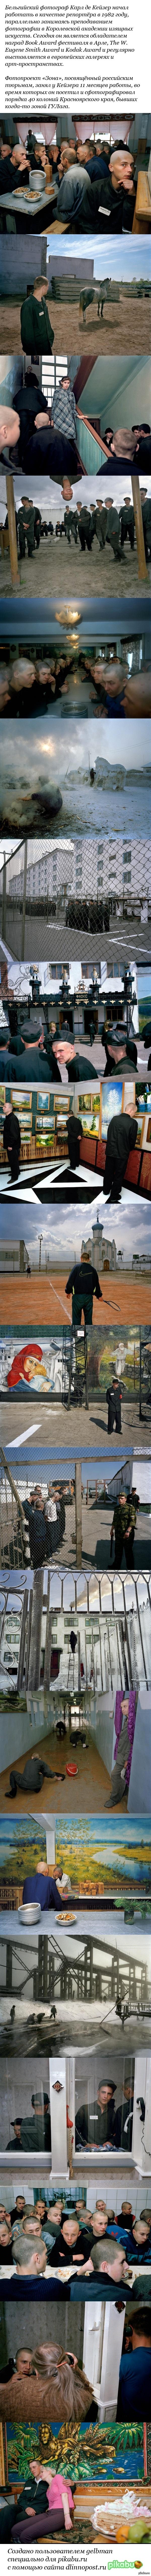 Как живут малолетние заключённые в Cибирских колониях. Осторожно длиннопост думаю кому то будет интересно